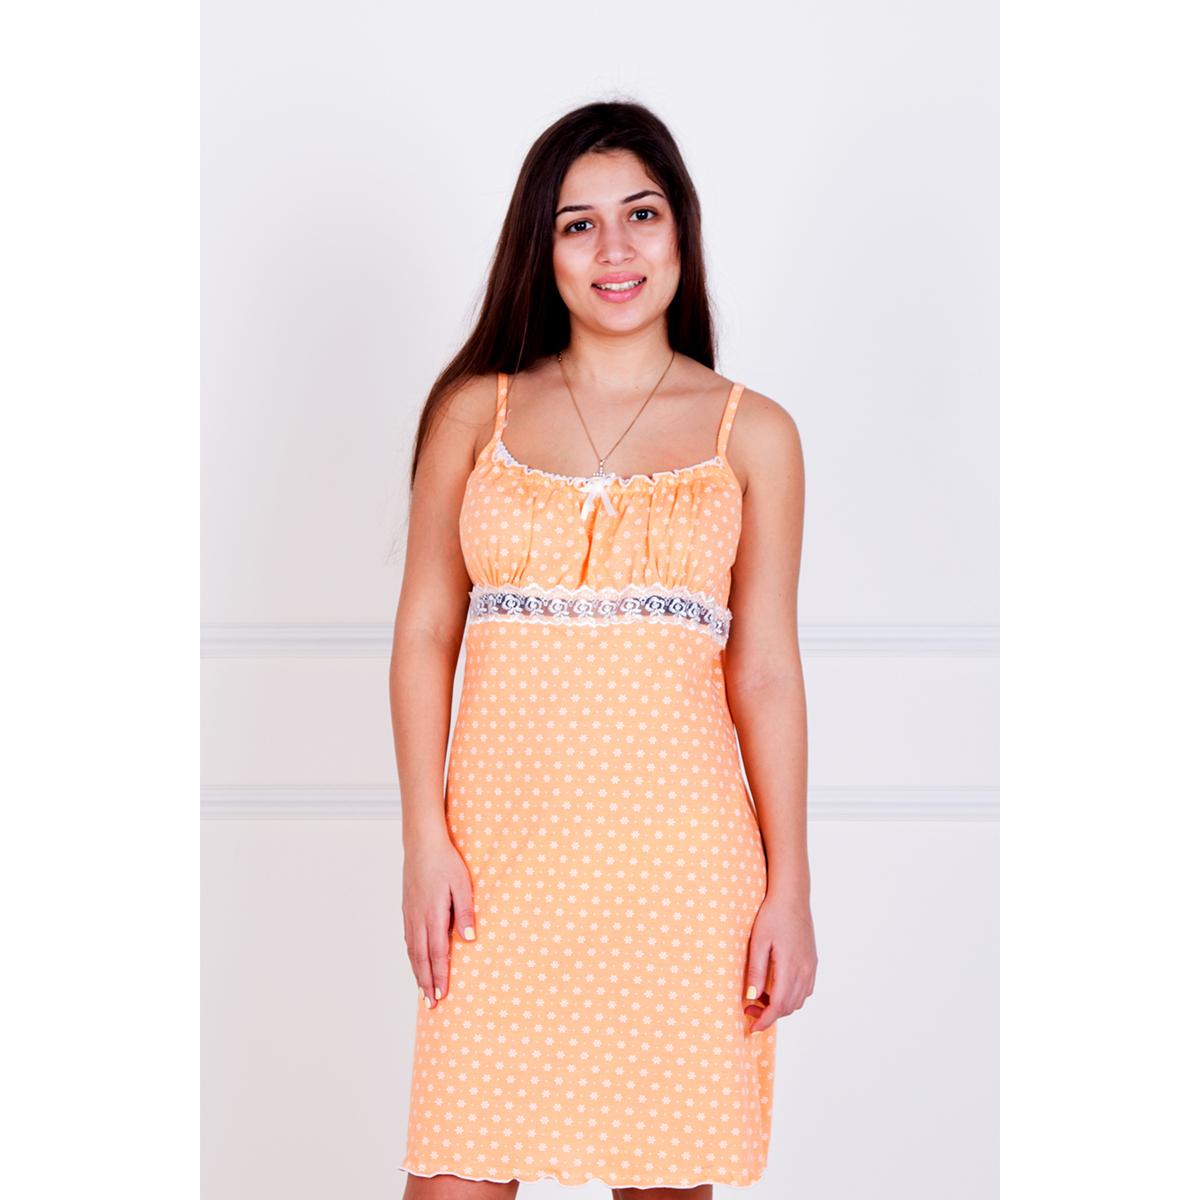 Женская сорочка Неженка Персиковый, размер 52Ночные сорочки<br>Обхват груди:104 см<br>Обхват талии:85 см<br>Обхват бедер:112 см<br>Рост:167 см<br><br>Тип: Жен. сорочка<br>Размер: 52<br>Материал: Кулирка